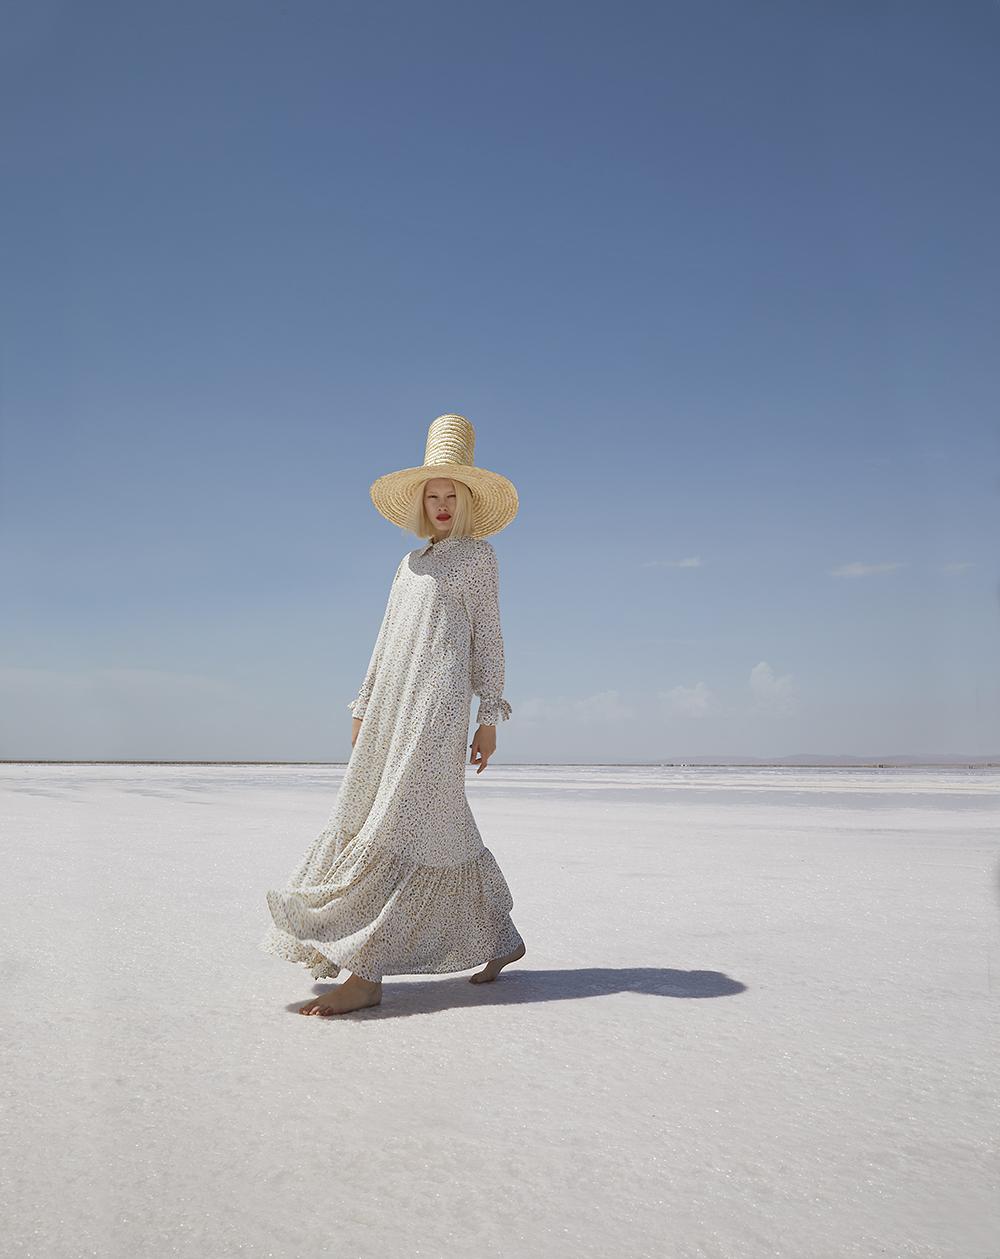 salt lake1.jpg